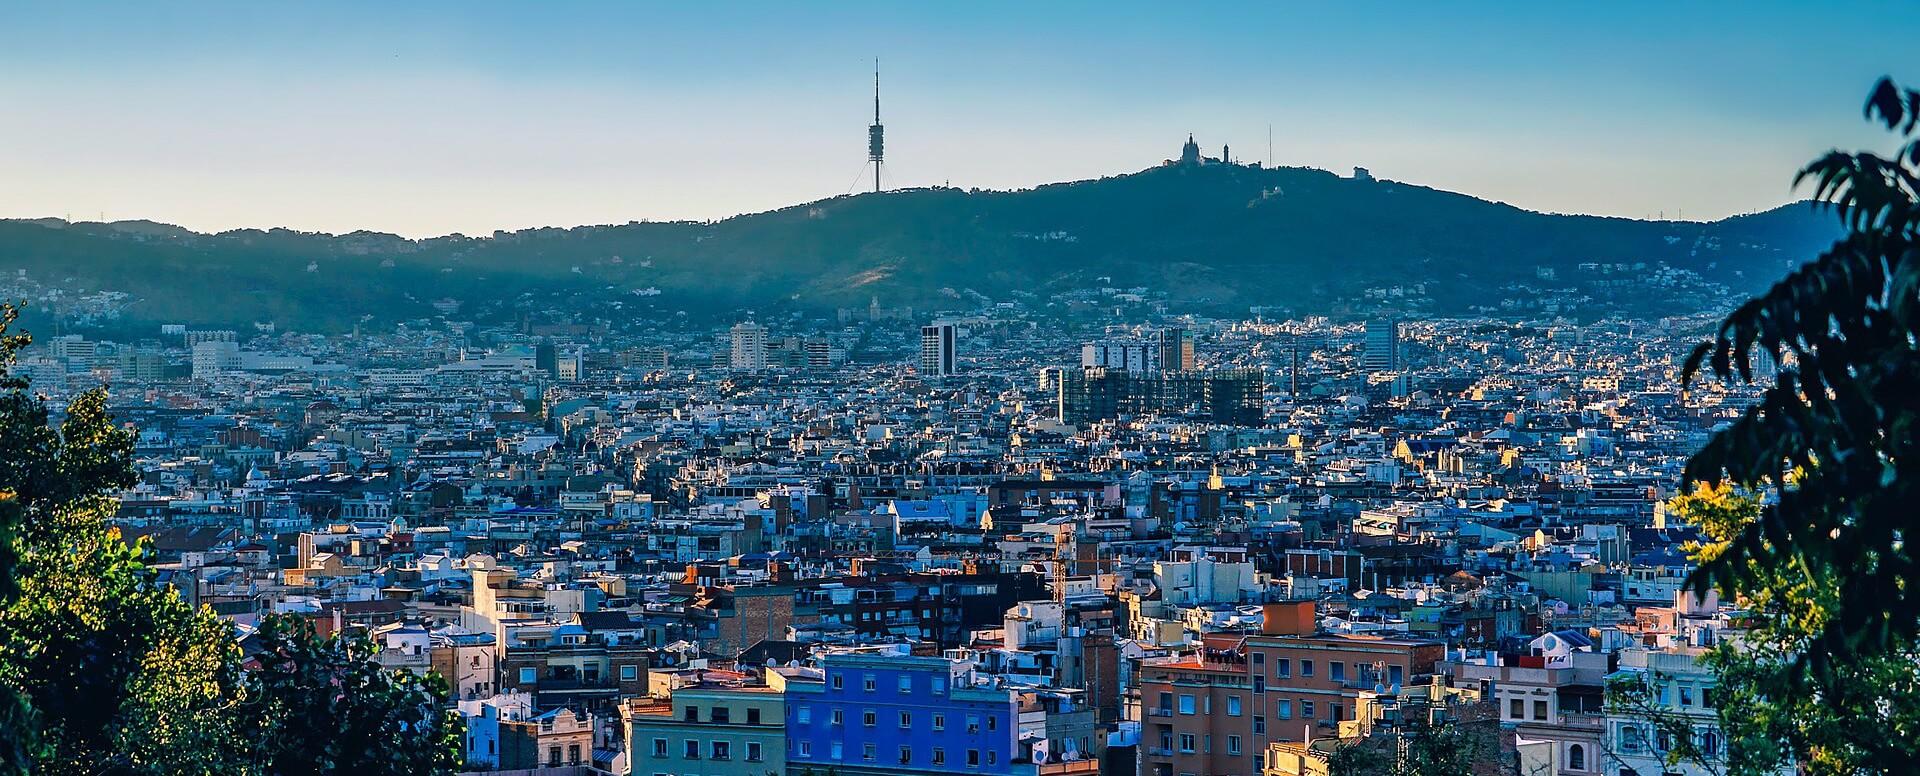 8 - Grimper sur la colline de Montjuïc - Barcelone